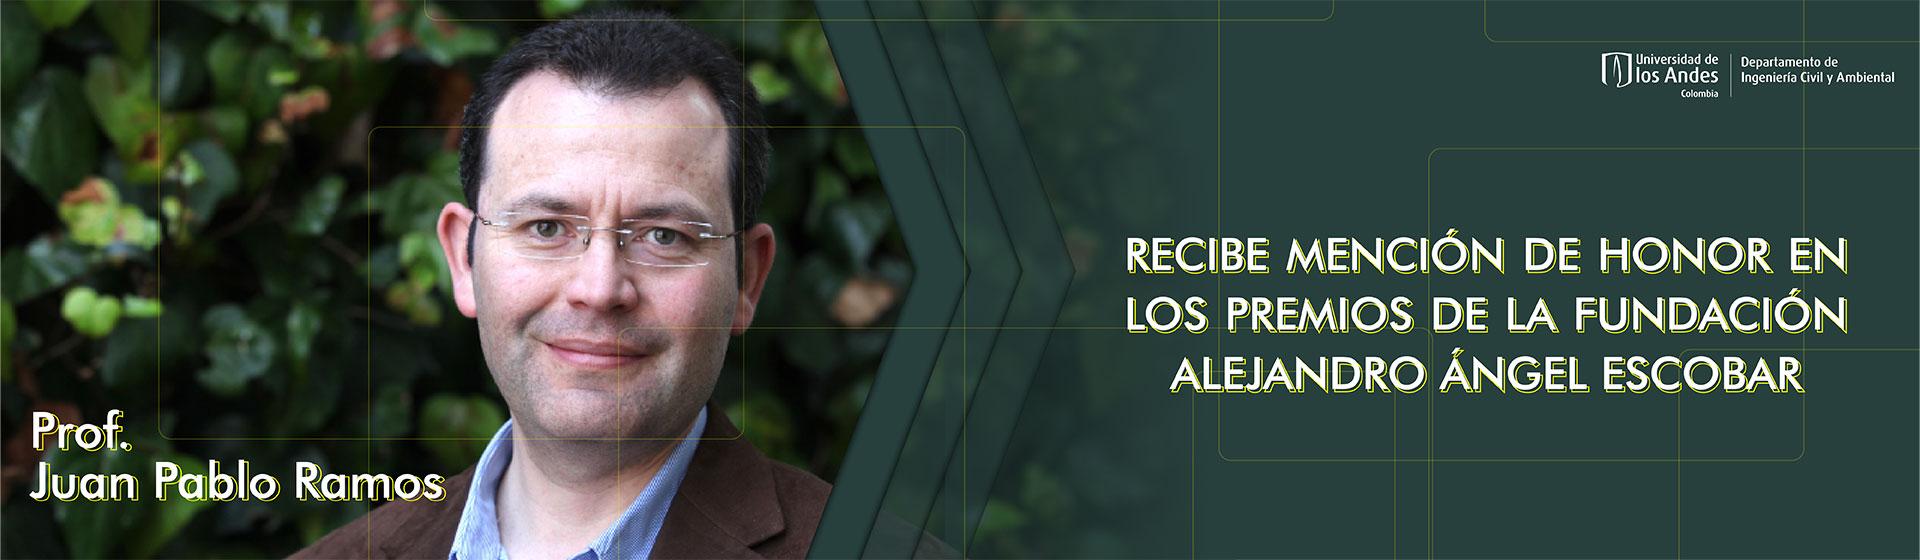 Juan Pablo Ramos gana premio Alejandro Ángel Escobar